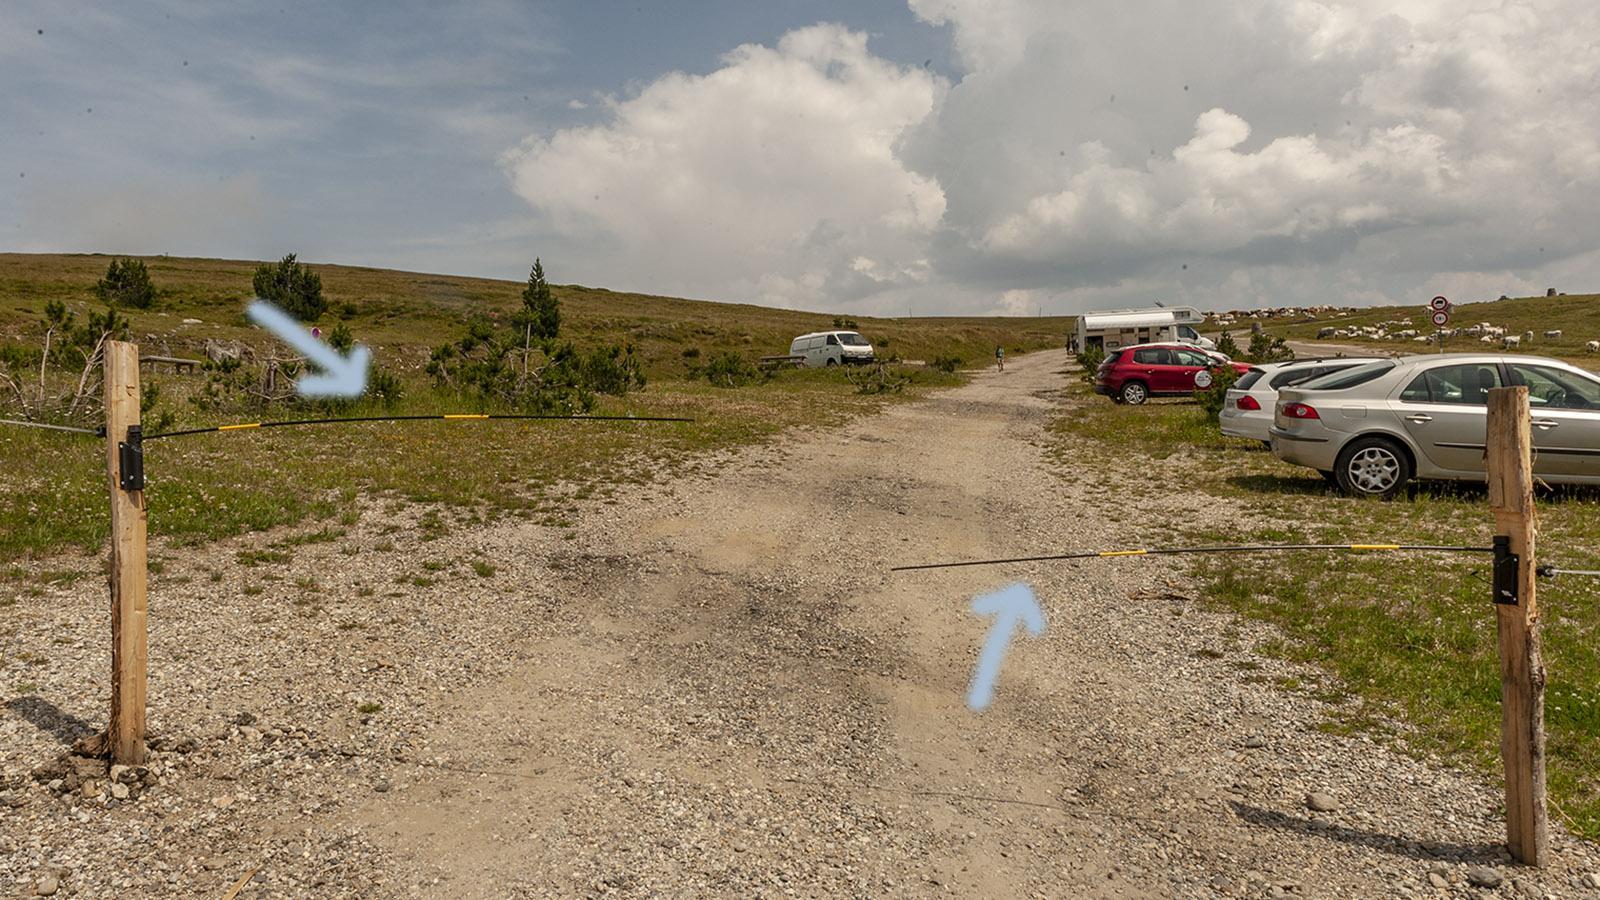 Col de Pailheres: Zufahrt zum Parkplatz. Foto: Hilke Maunder